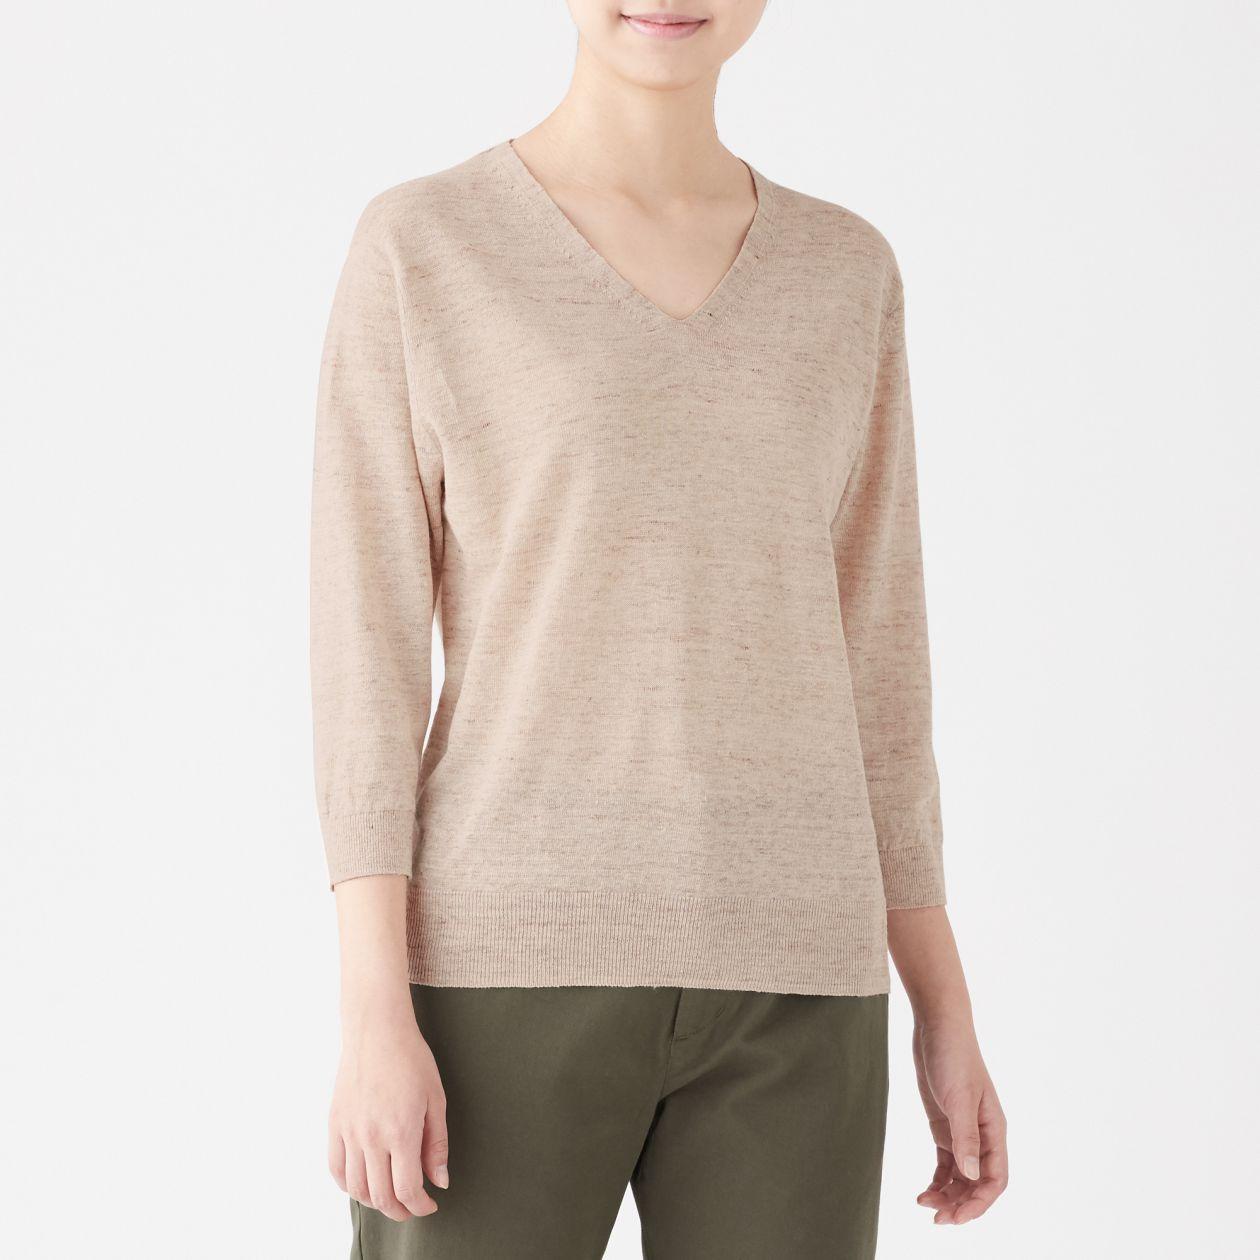 UVカットフレンチリネンVネックセーター